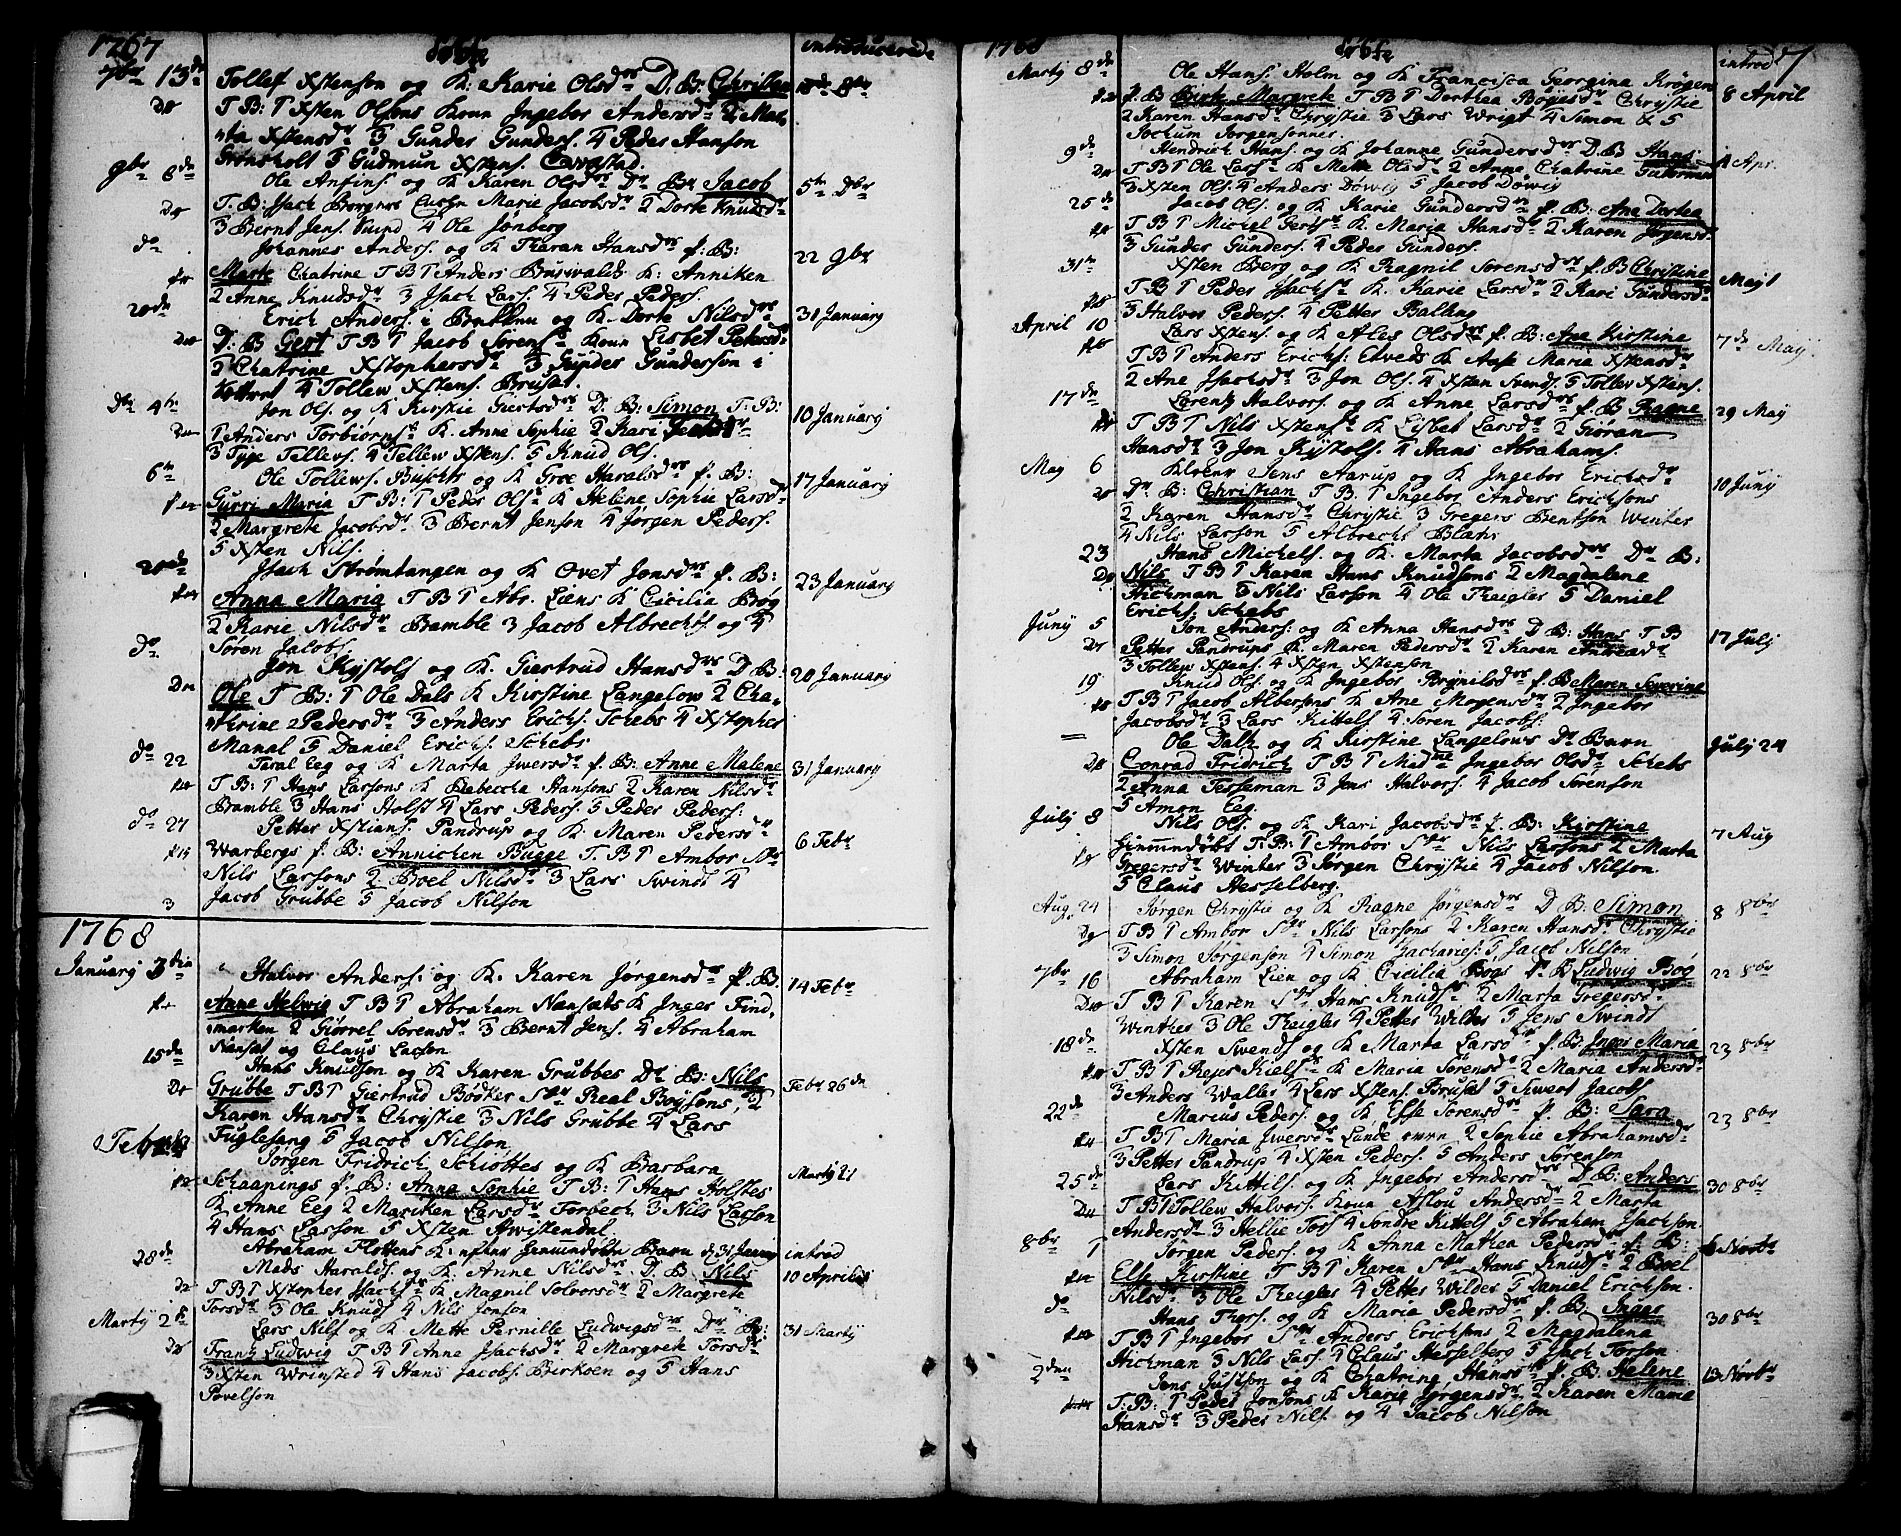 SAKO, Brevik kirkebøker, F/Fa/L0003: Ministerialbok nr. 3, 1764-1814, s. 7